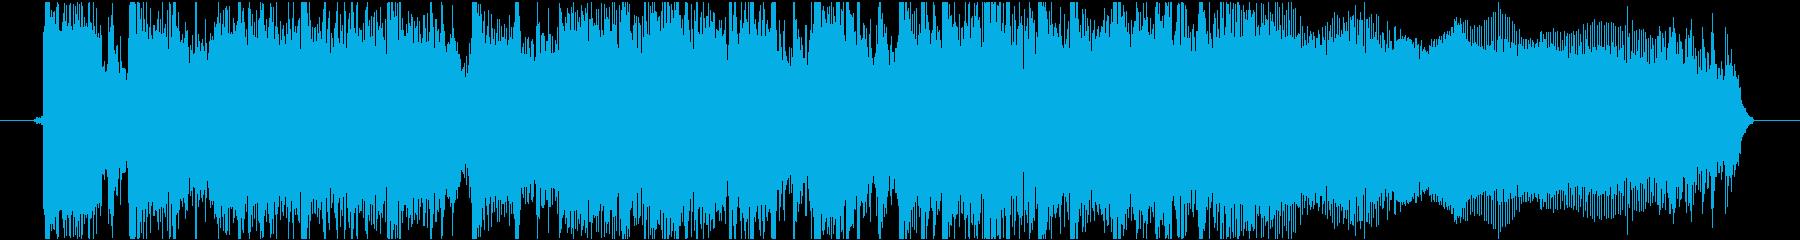 緊迫感あるハードロック・メタル調ジングルの再生済みの波形